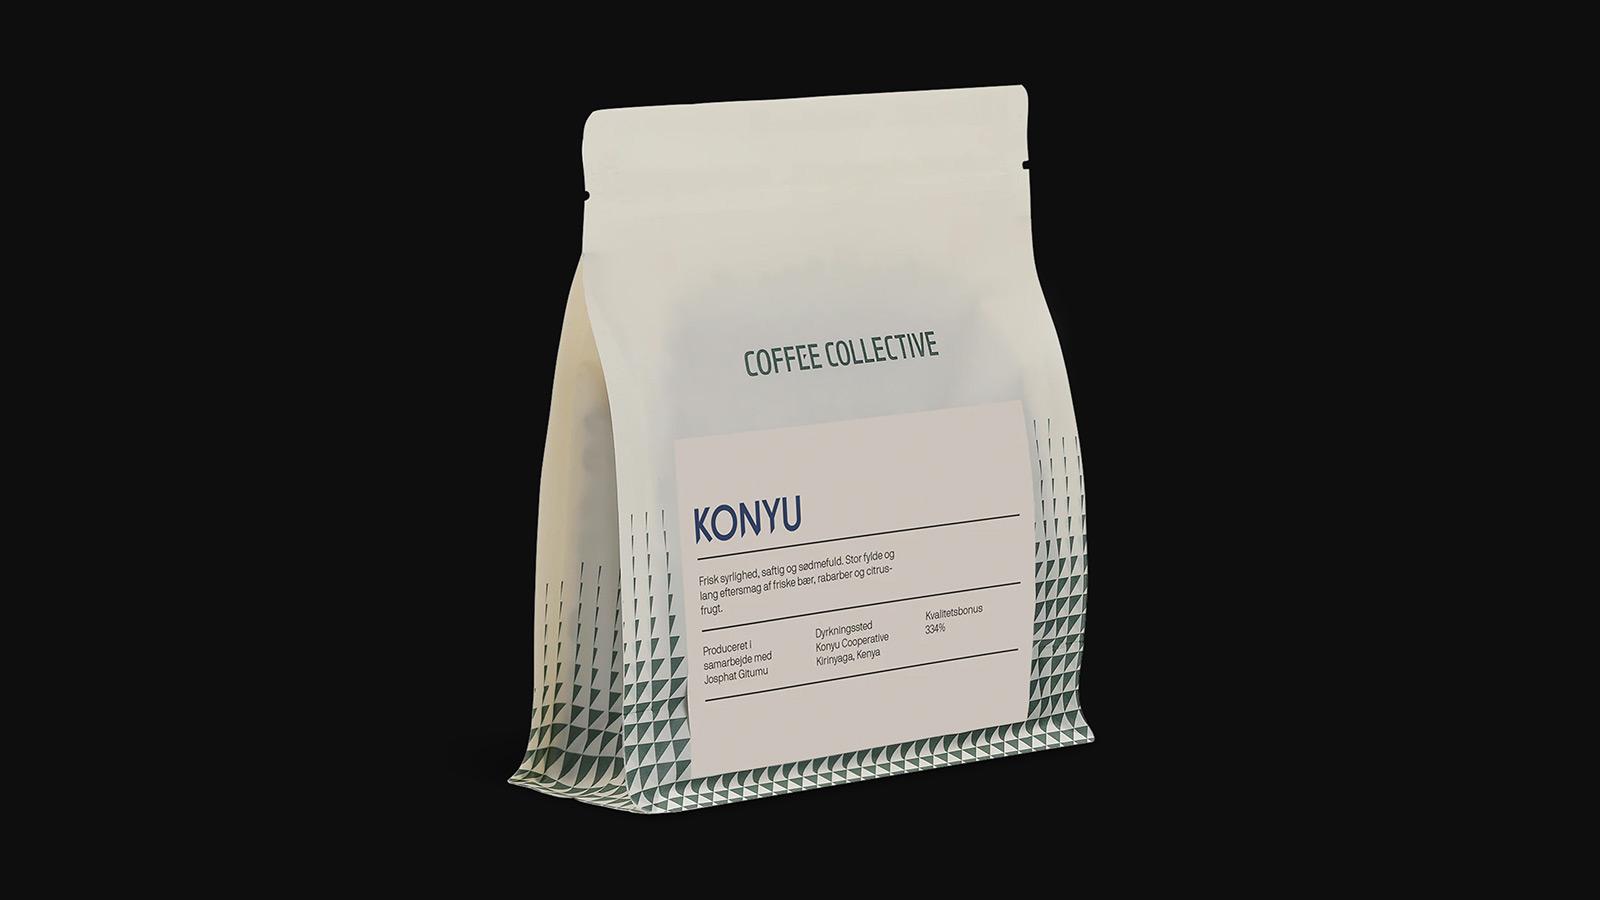 Coffee Collective Konyu Coffee